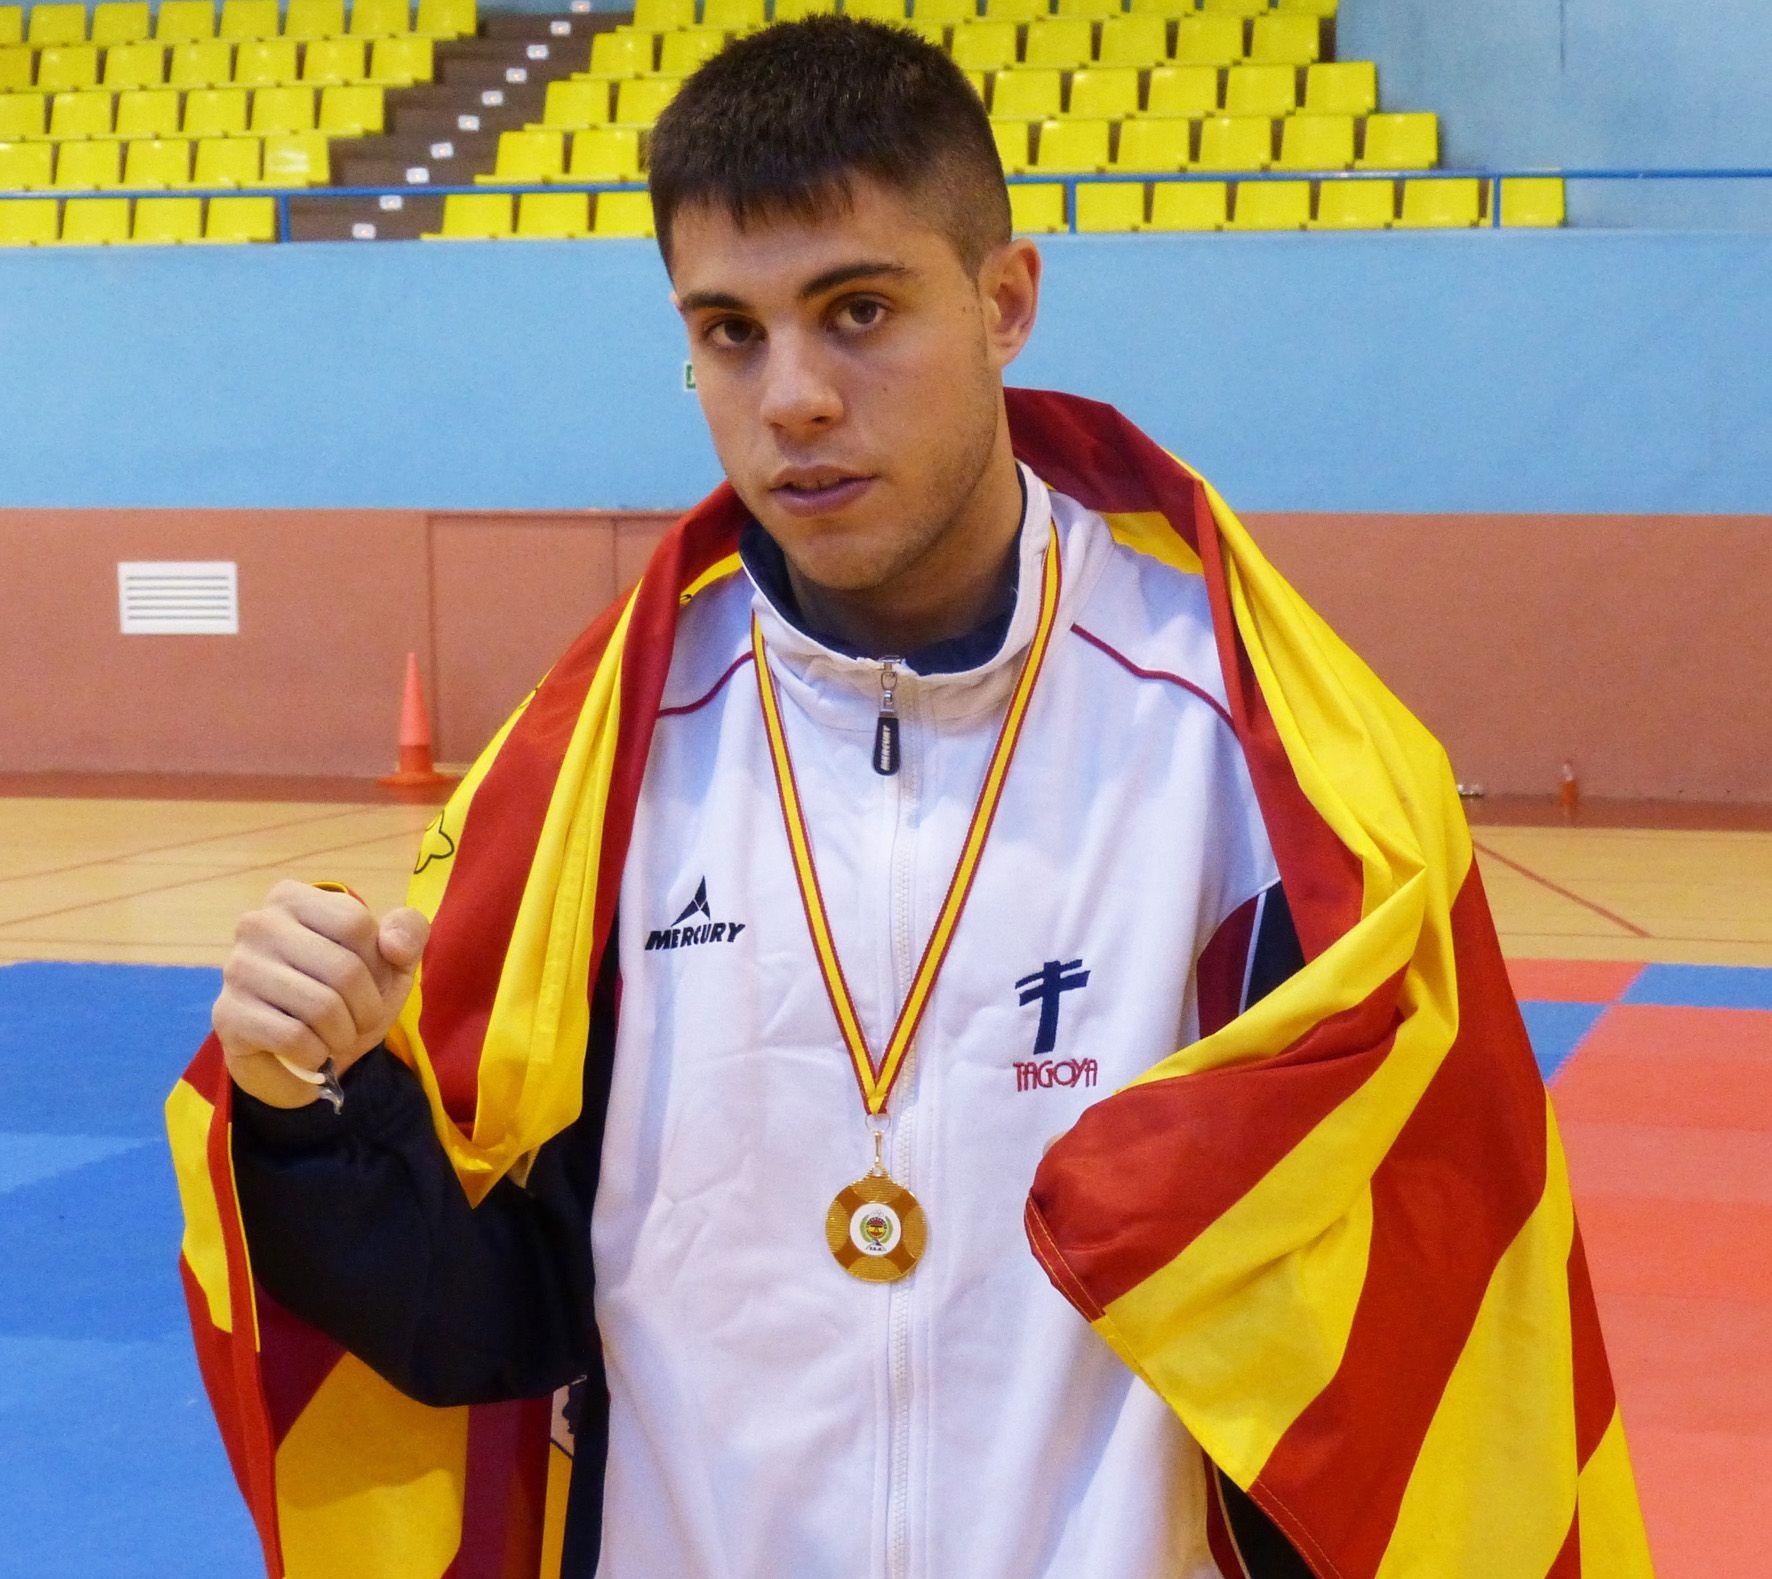 Ángel Alcoba, Campeón de España de Kickboxing